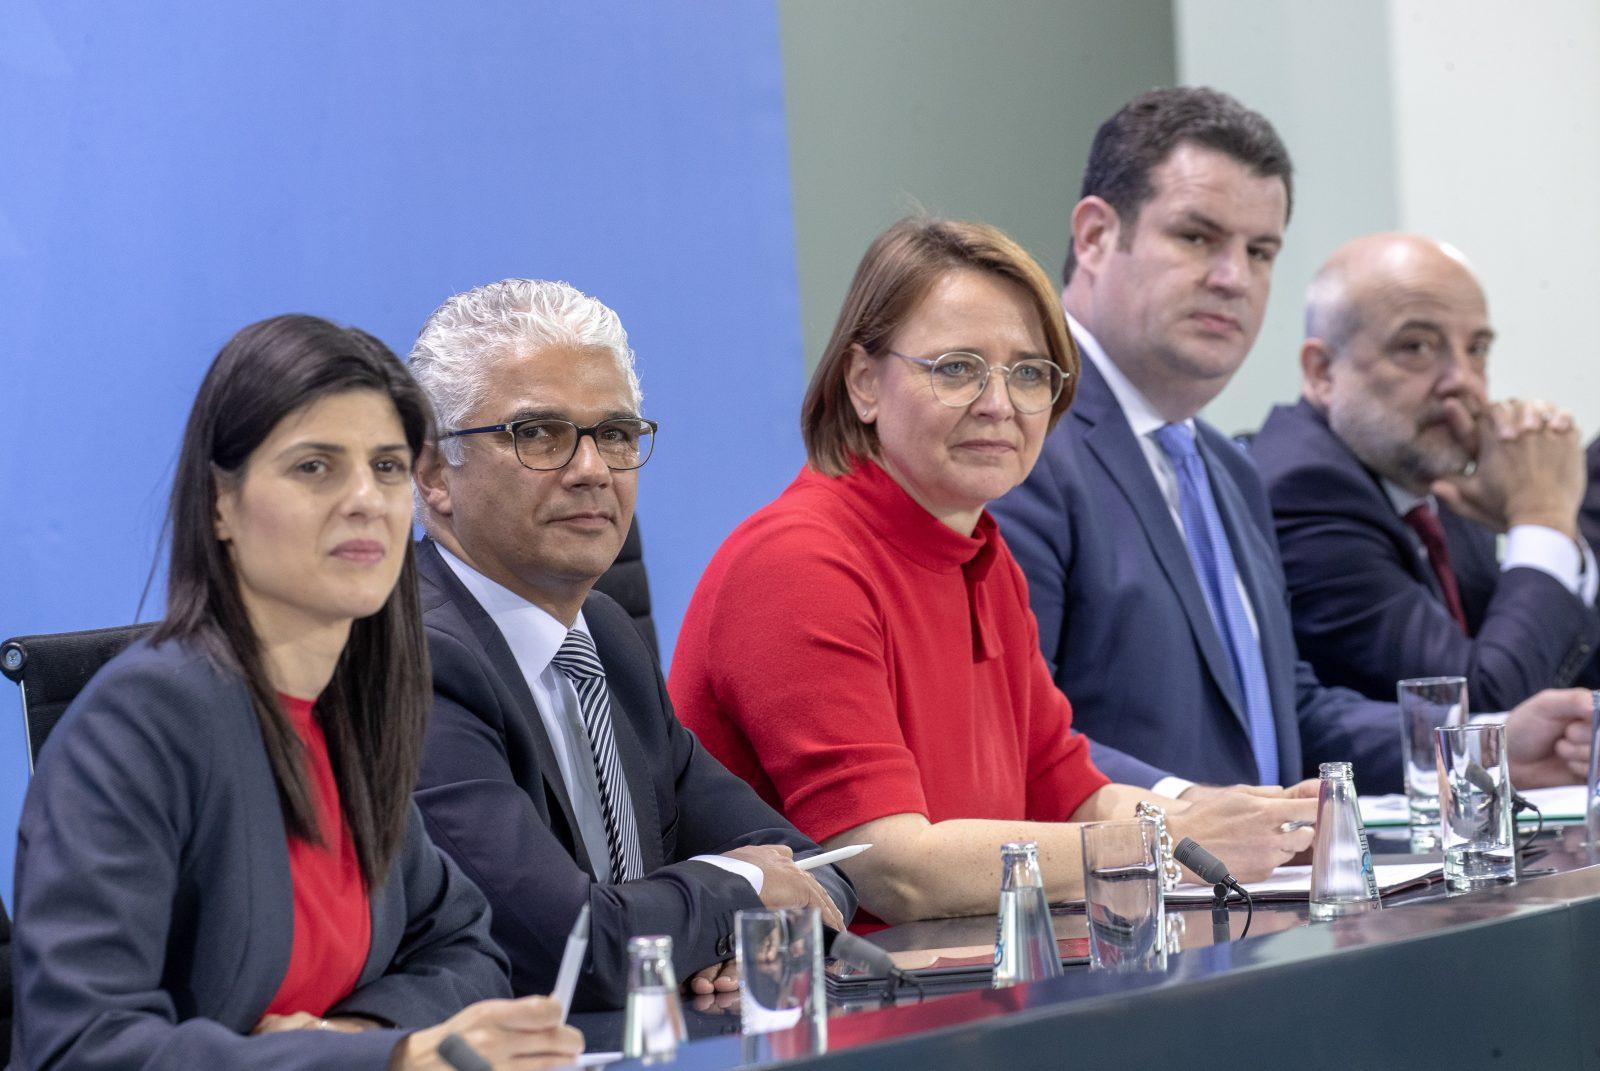 Fachkommission Integrationsfähigkeit, Annette Widmann-Mauz (CDU, m.)